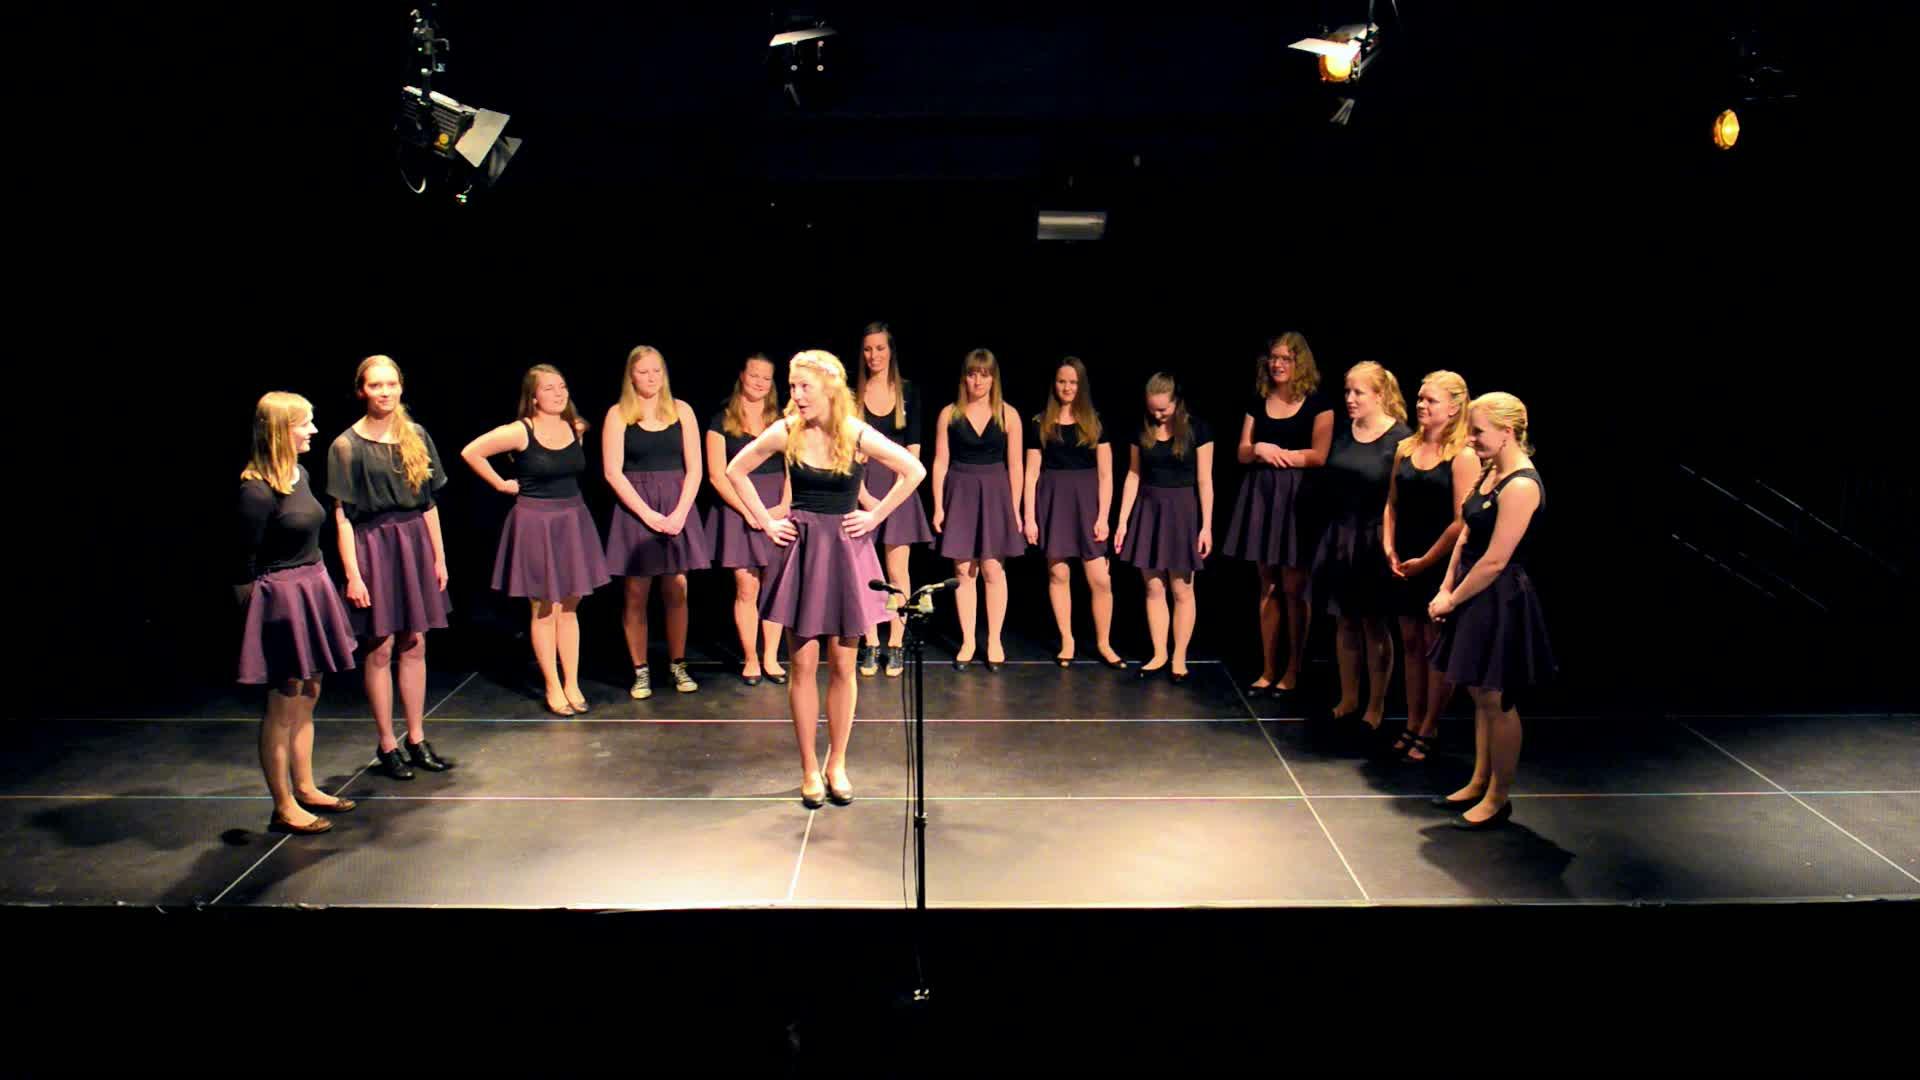 Korkonsert vår '14: I won't say I'm in love